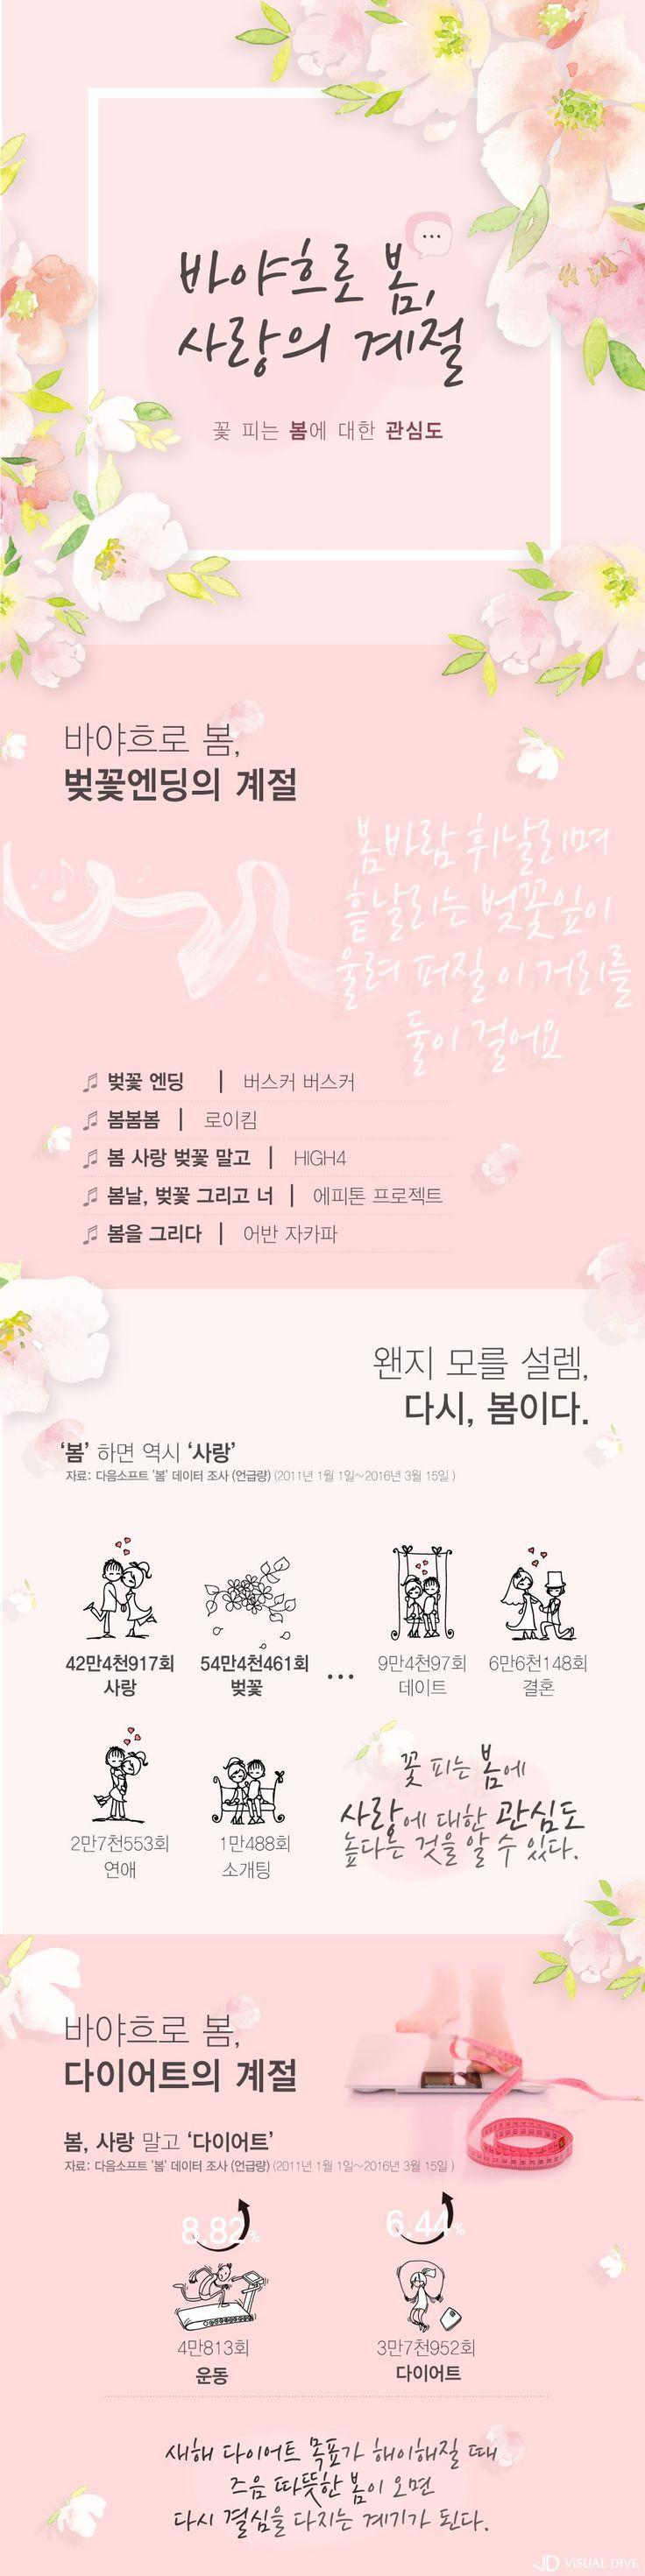 벚꽃엔딩의 계절…'봄'하면 떠오르는 단어는? [인포그래픽] #spring / #Infographic ⓒ 비주얼다이브 무단 복사·전재·재배포 금지